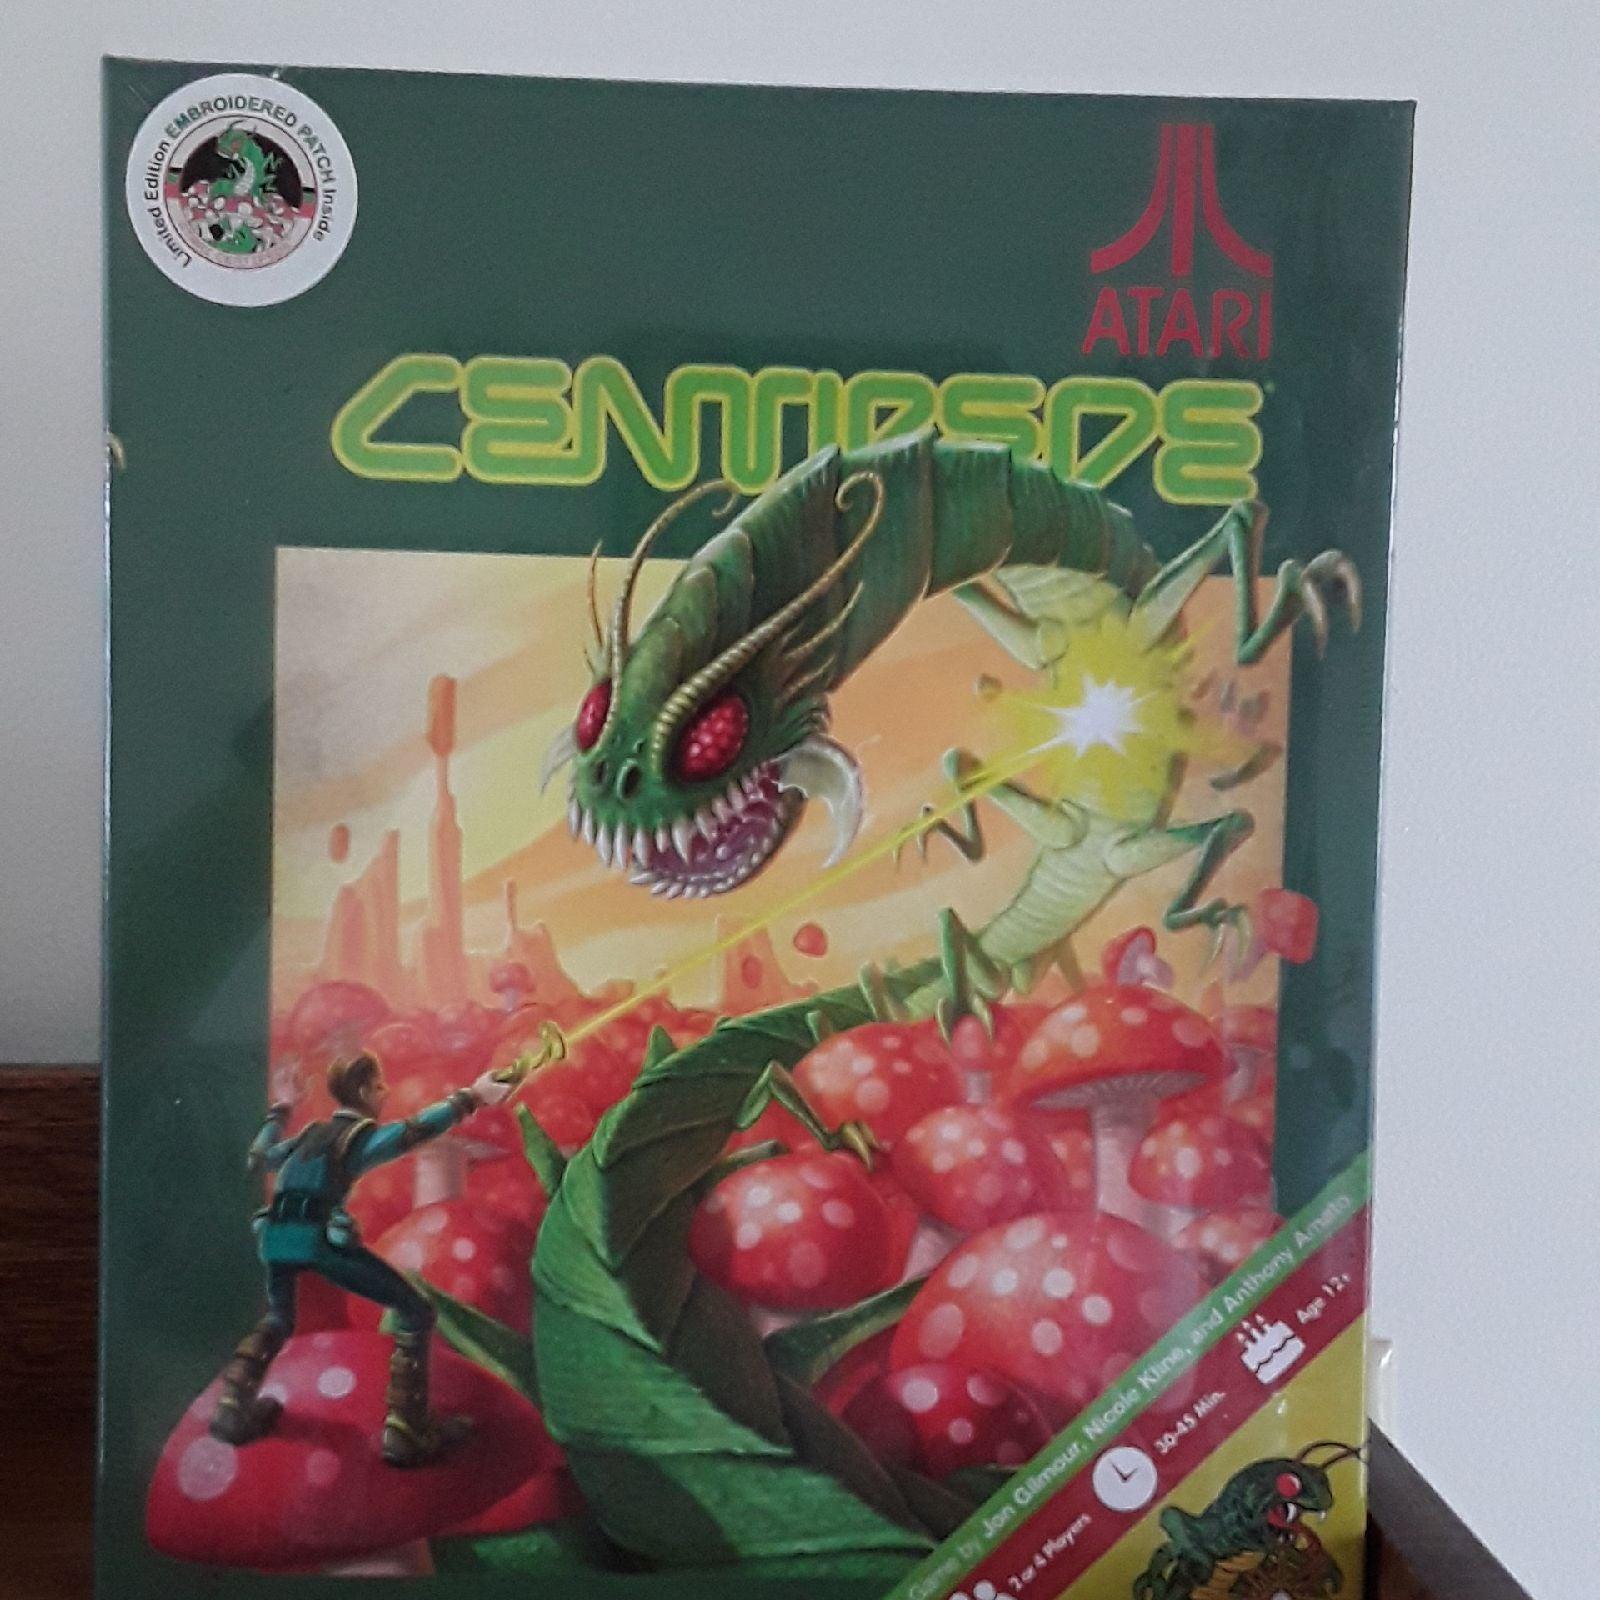 Centipede board game Atari IDW